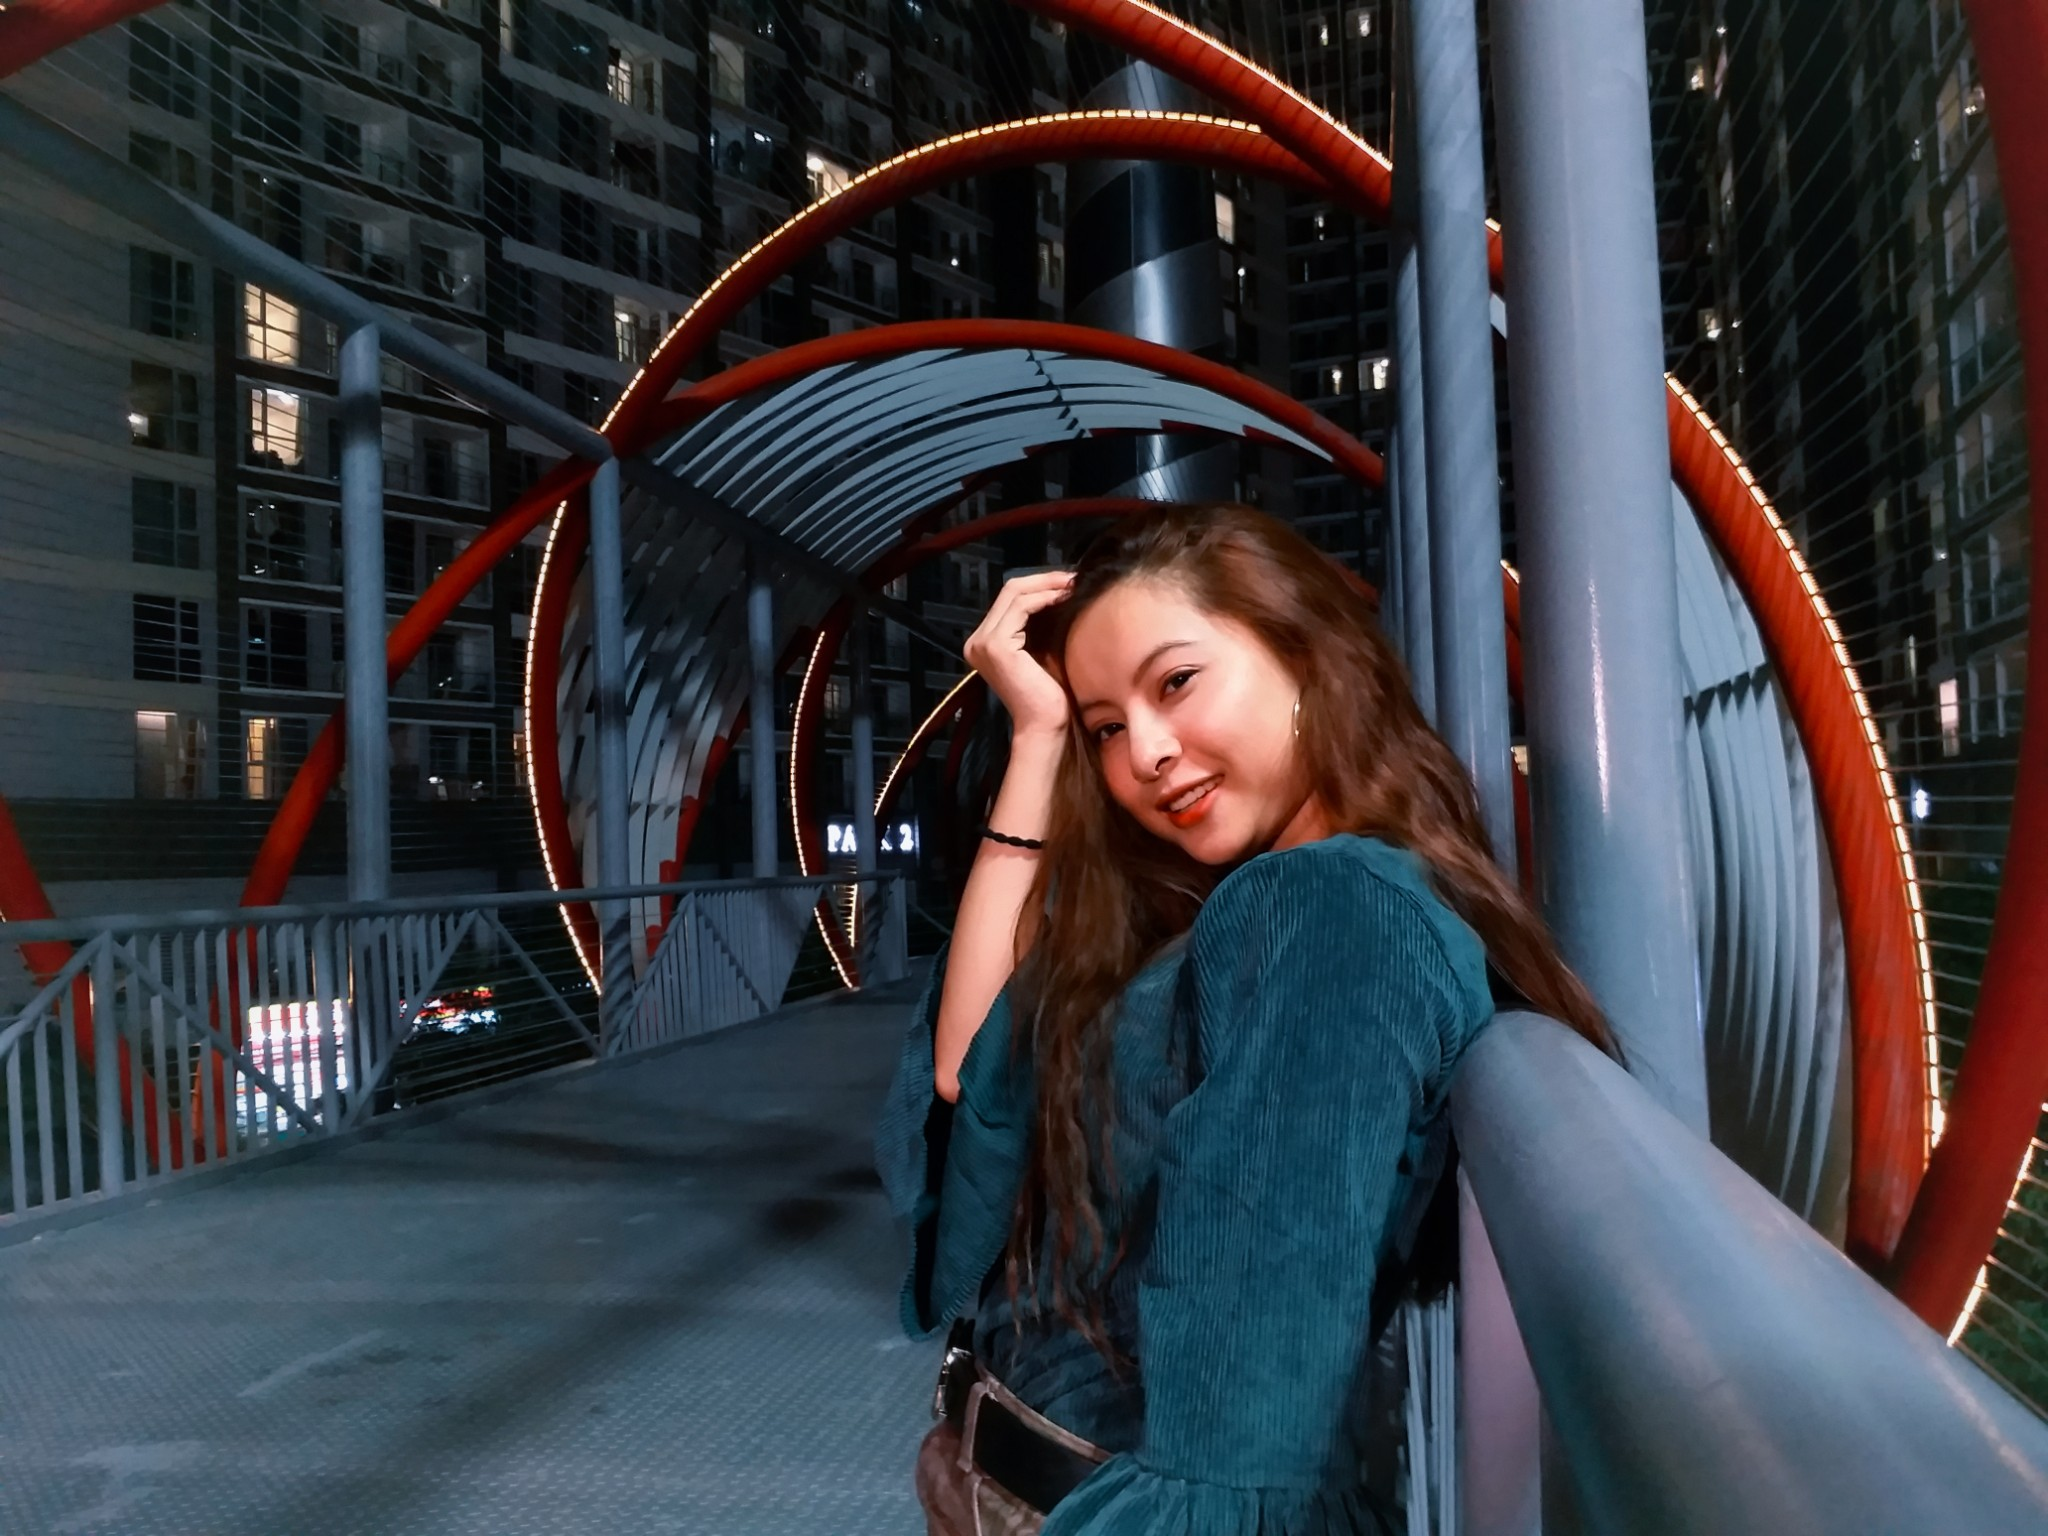 """Dạo chơi, ăn tối cùng cô bạn gái xinh xắn và những góc chụp giúp thần thánh giúp cô ấy """"mê mệt"""" hình 2"""